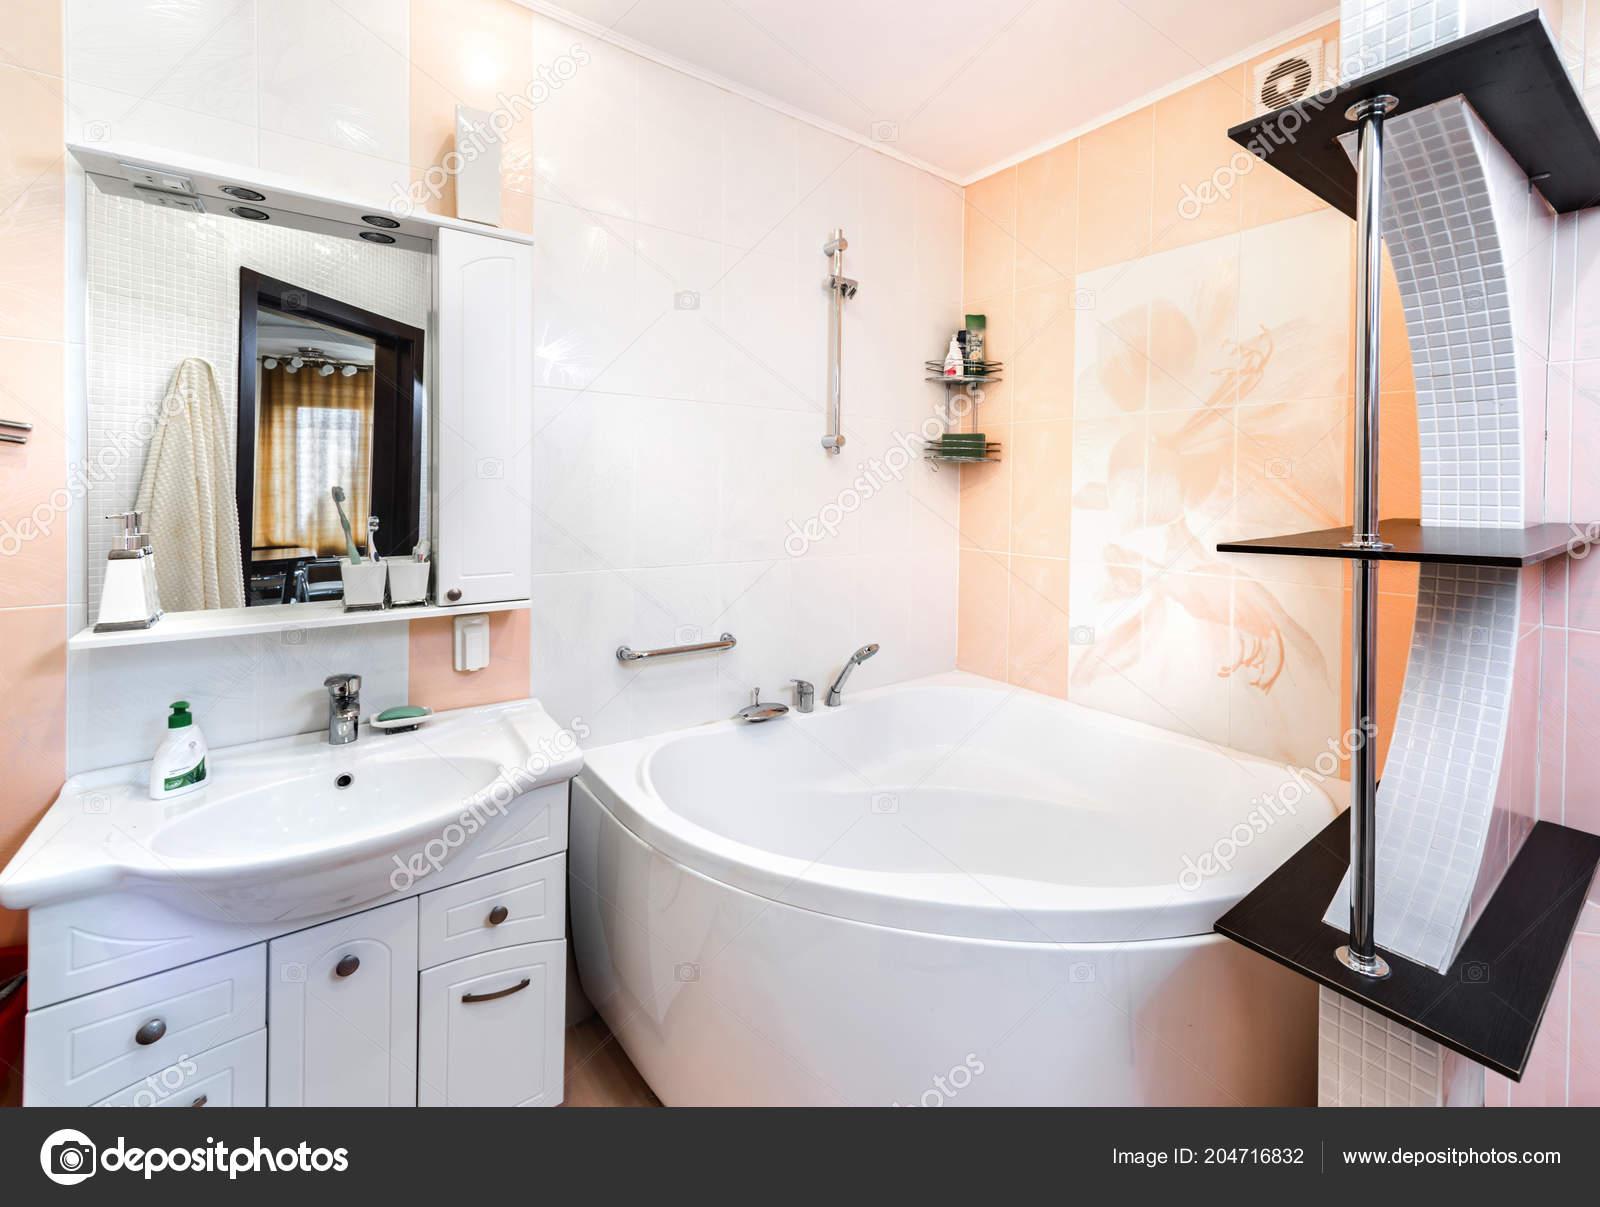 Badezimmer Mit Toilette Und Whirlpool — Stockfoto ...